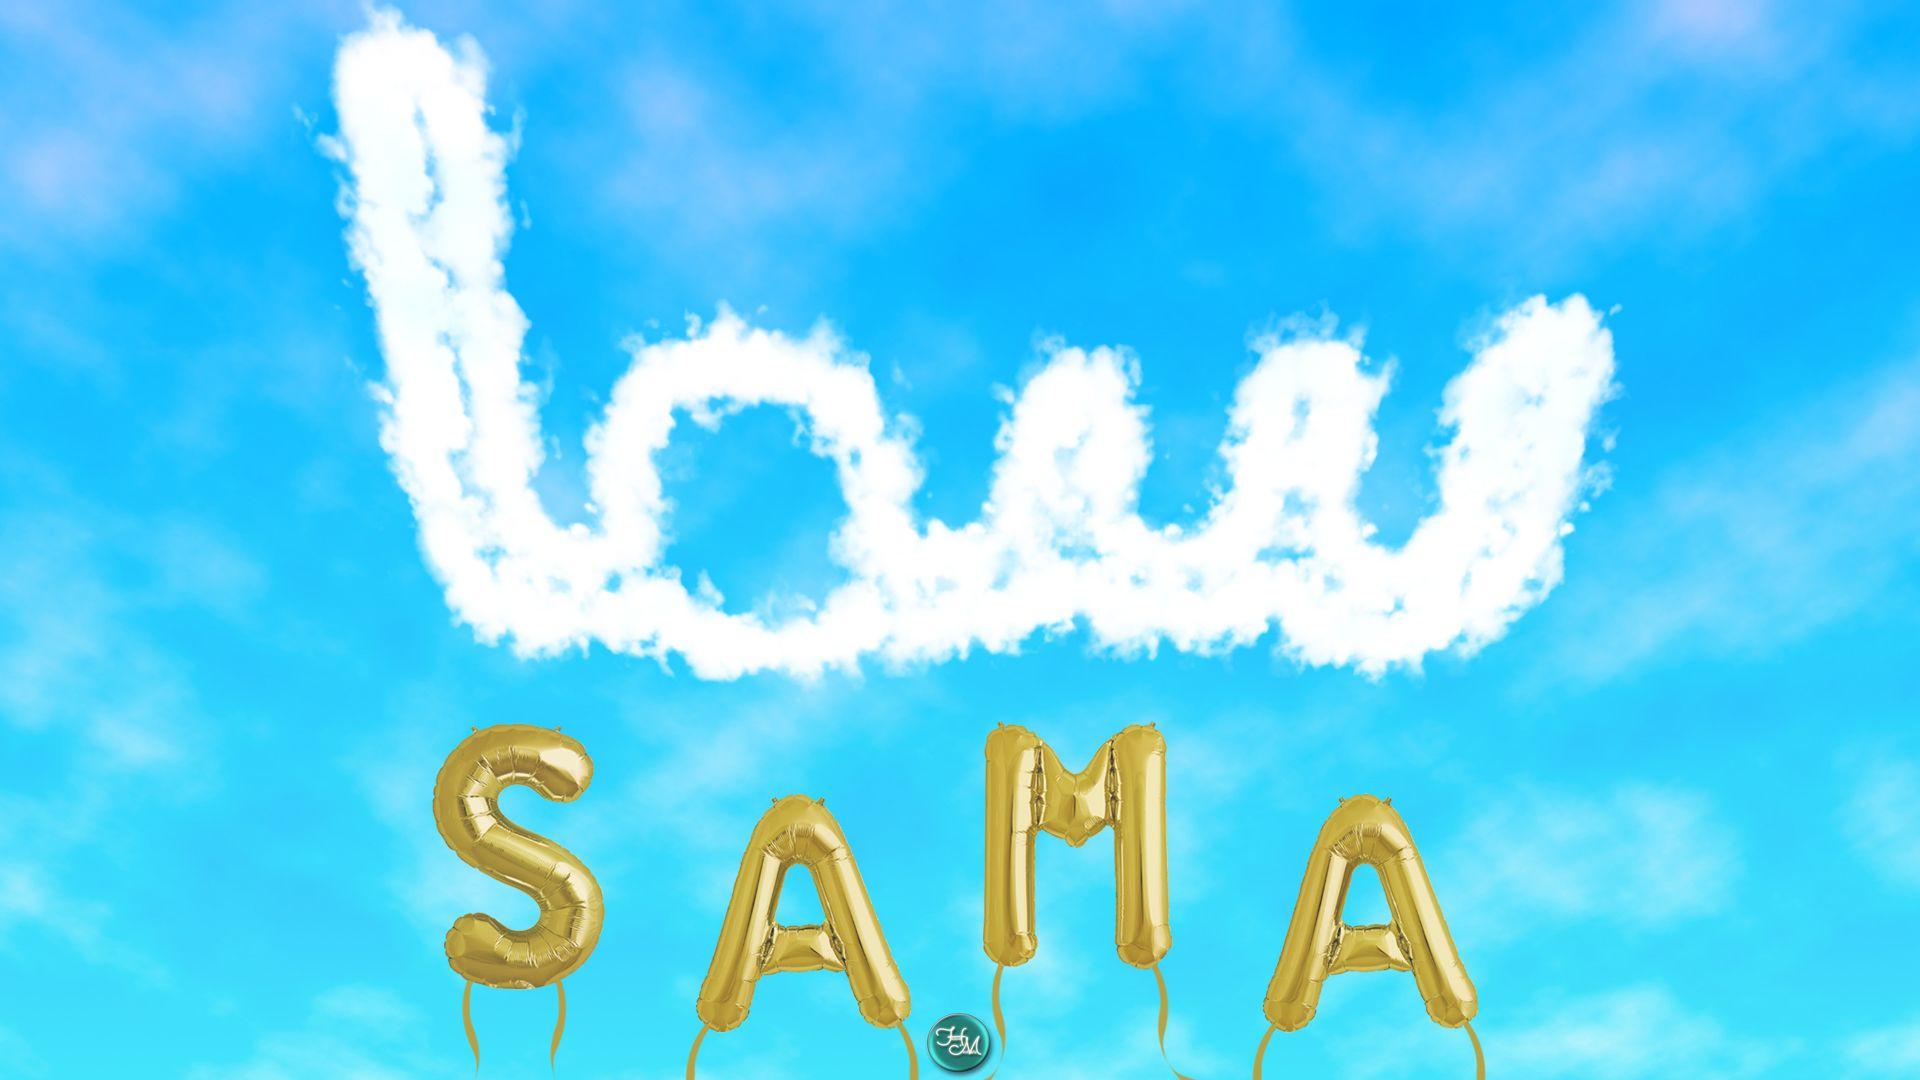 سما اسم علم مؤنث عربي من السمو معناه الصيت البعيد السمعة الطيبة والصيت السمعة سما Sama Neon Signs Neon Signs